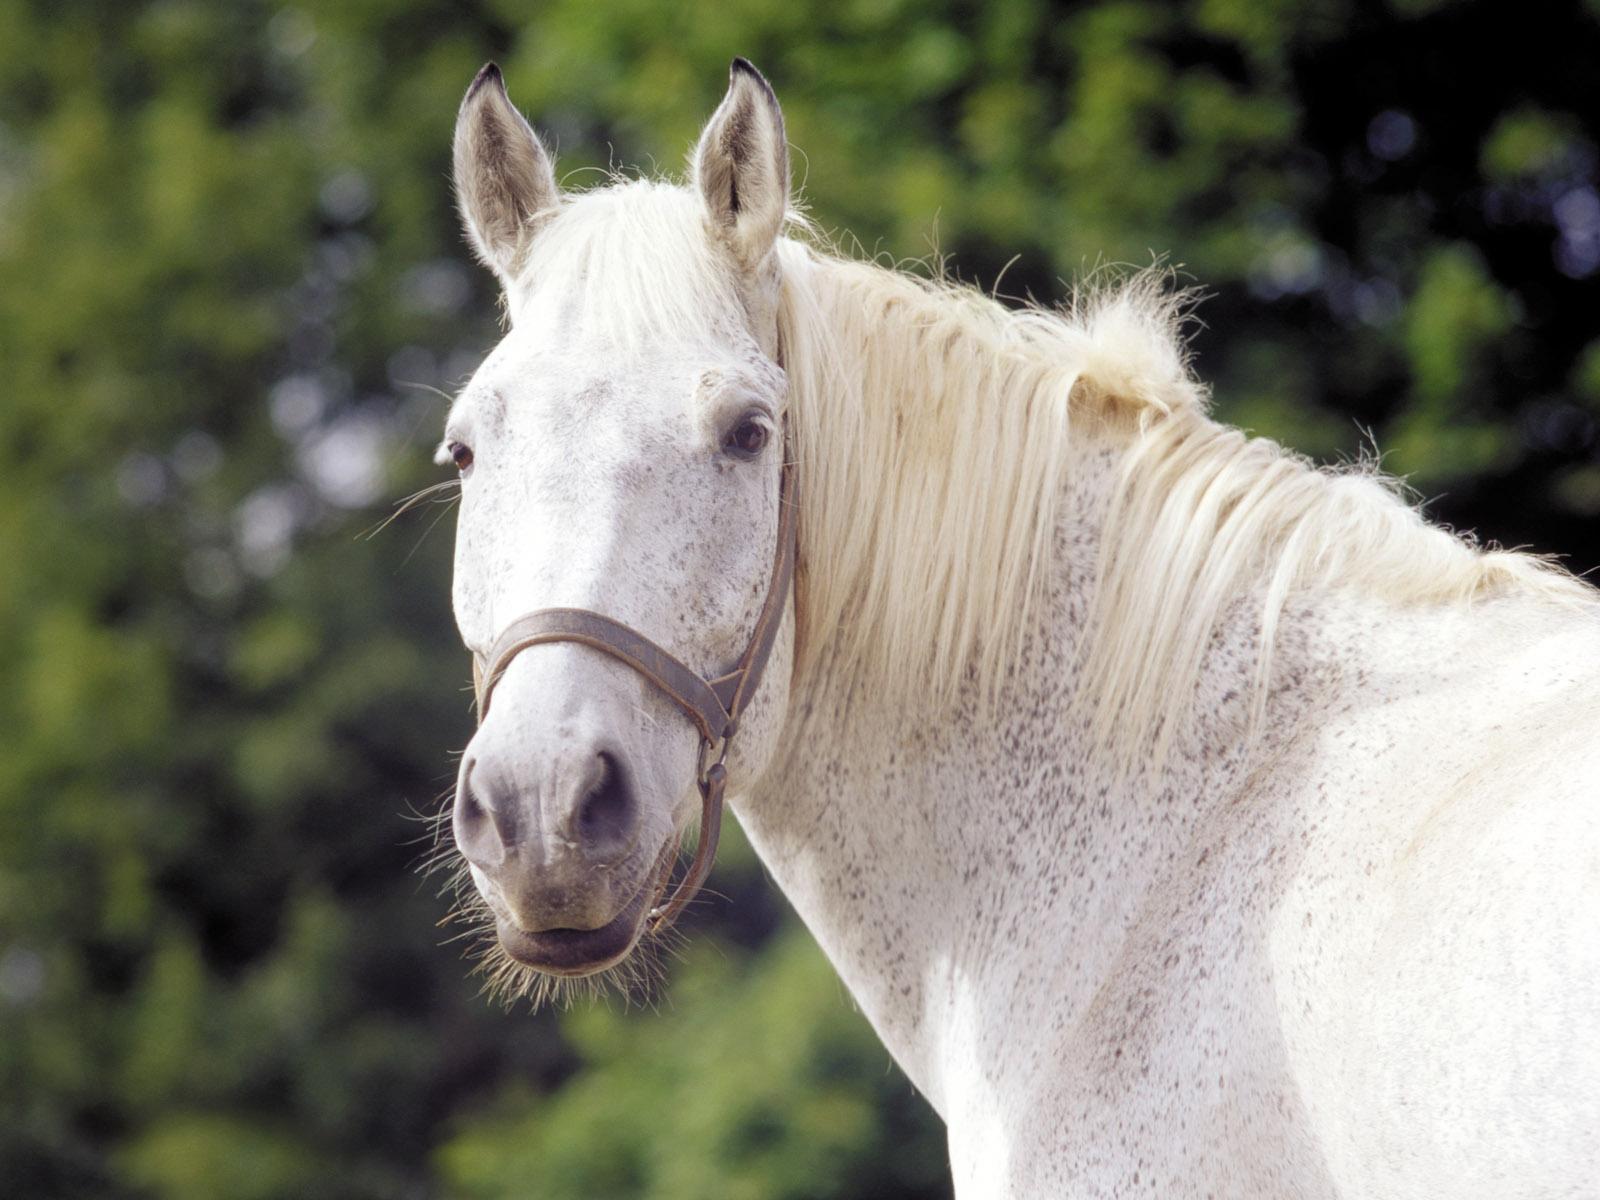 Good Wallpaper Horse Desktop Background - the-best-top-desktop-horse-wallpapers-14  Pictures_17112.jpg